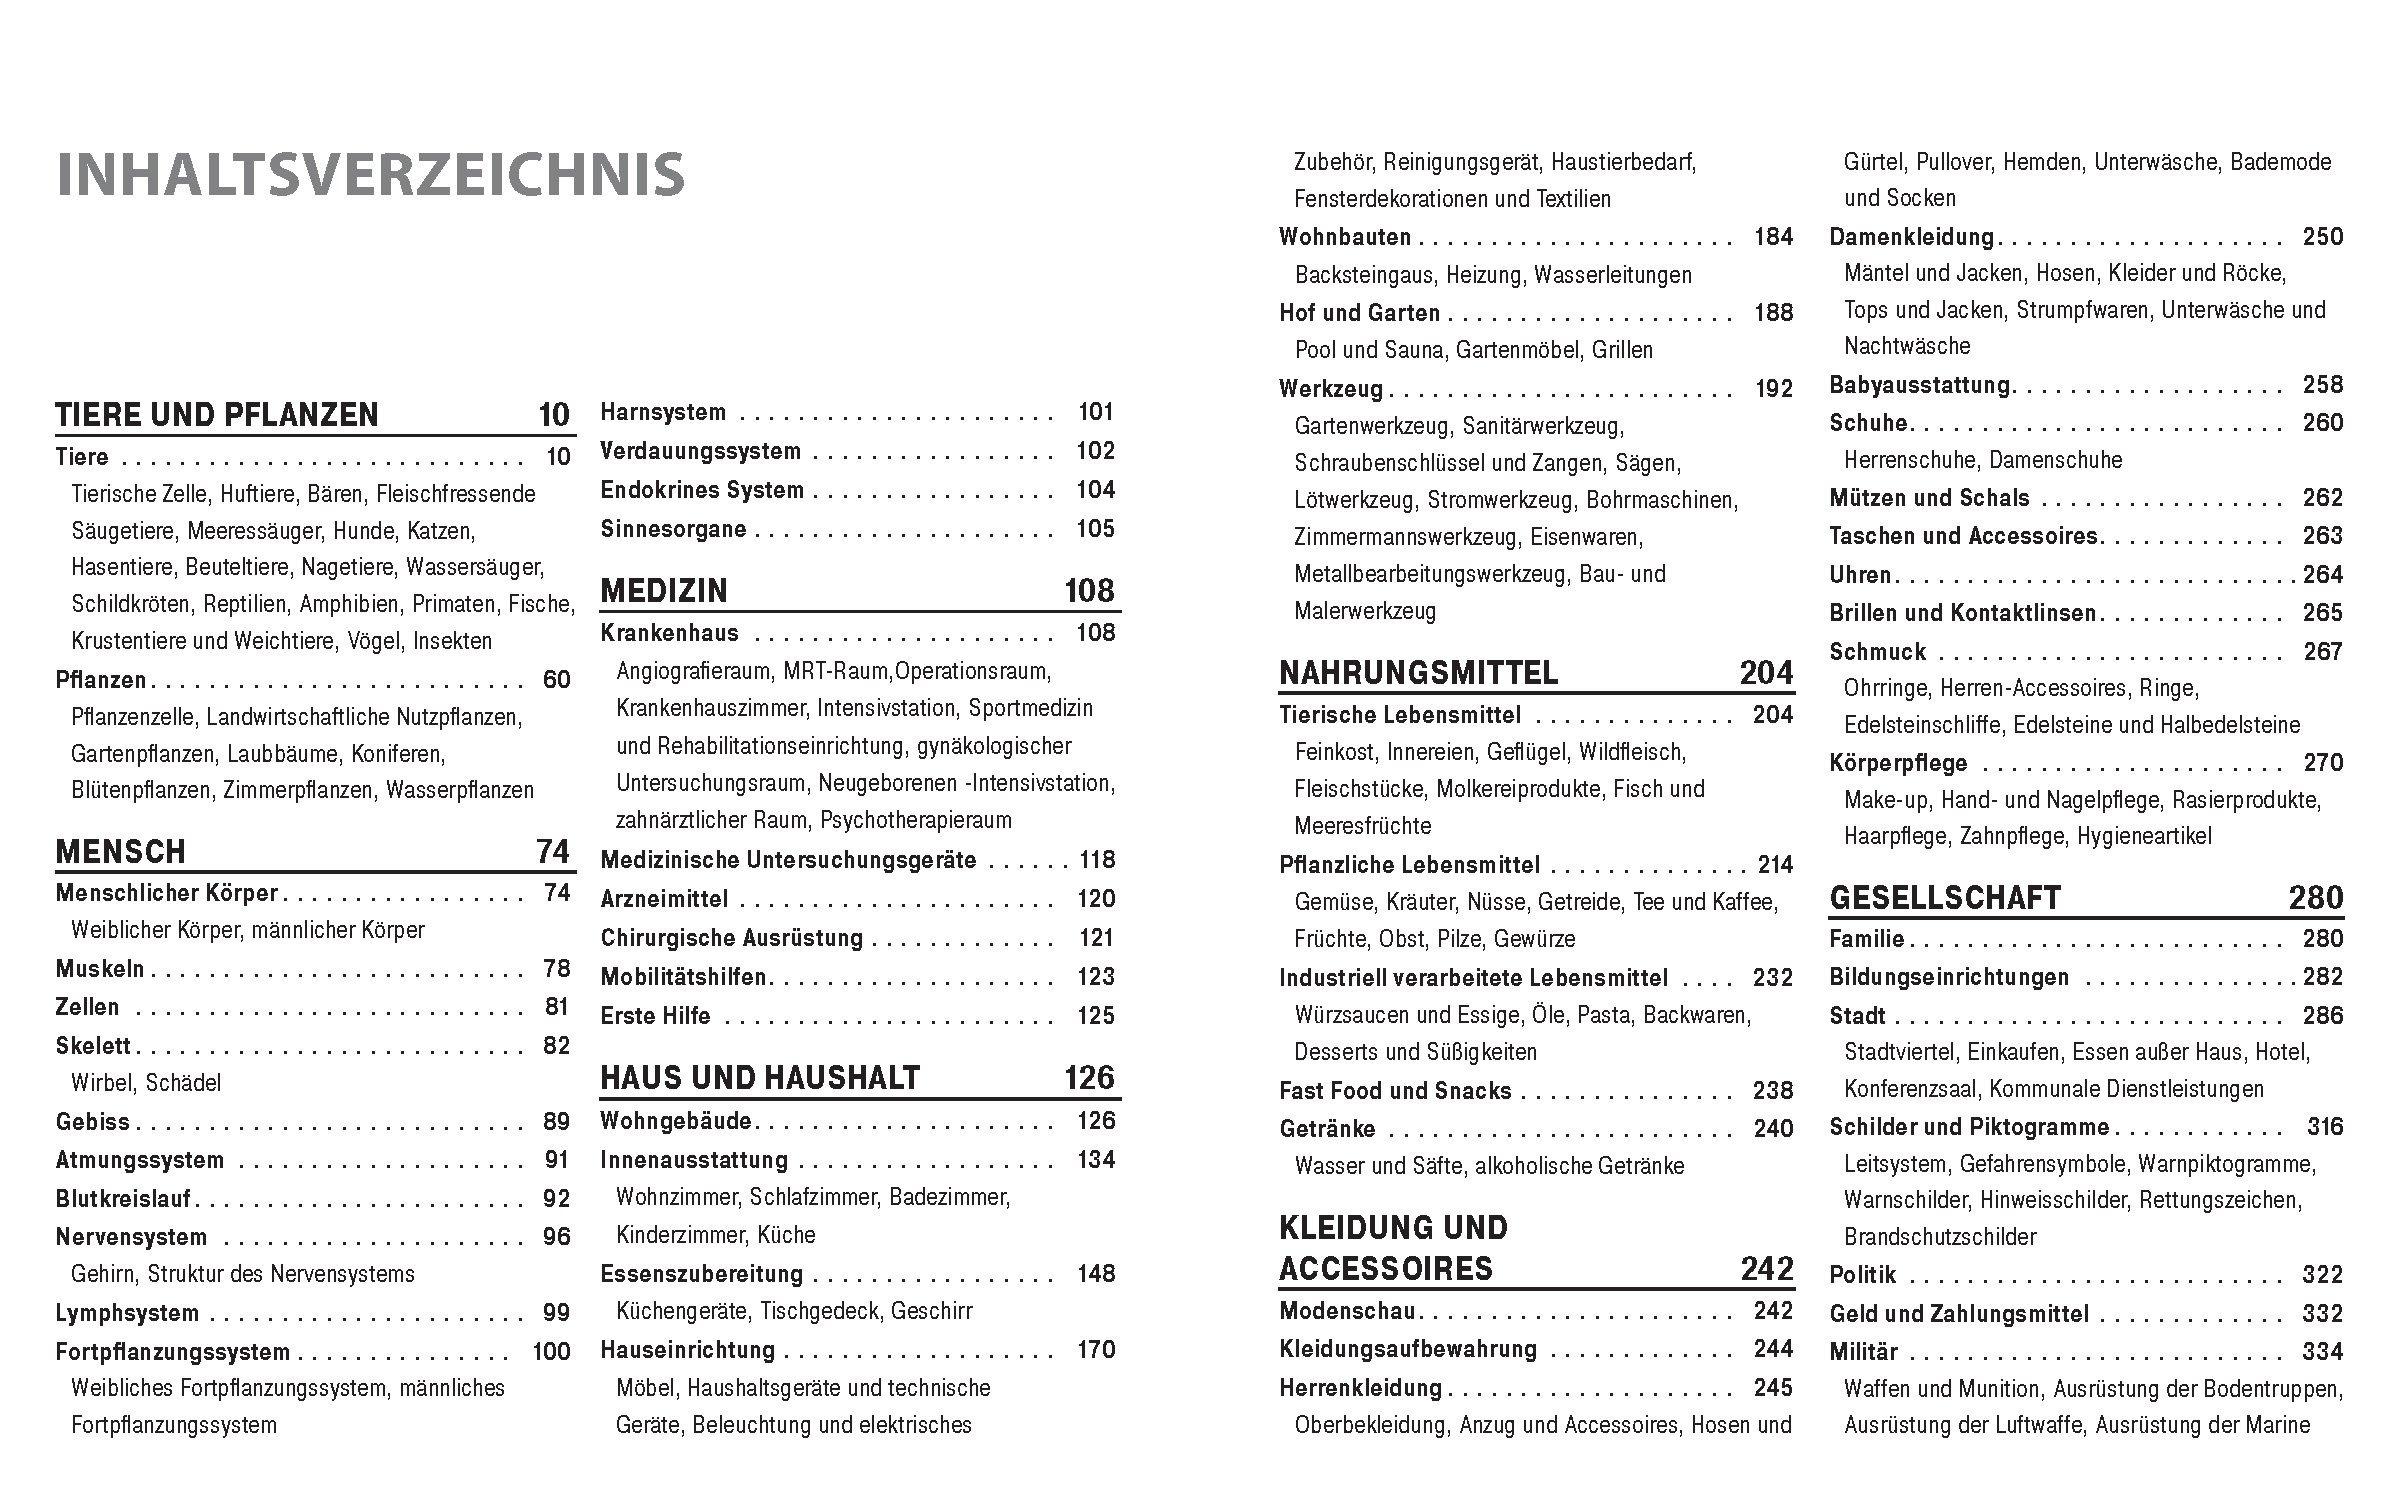 Das große Bildwörterbuch Französisch-Deutsch